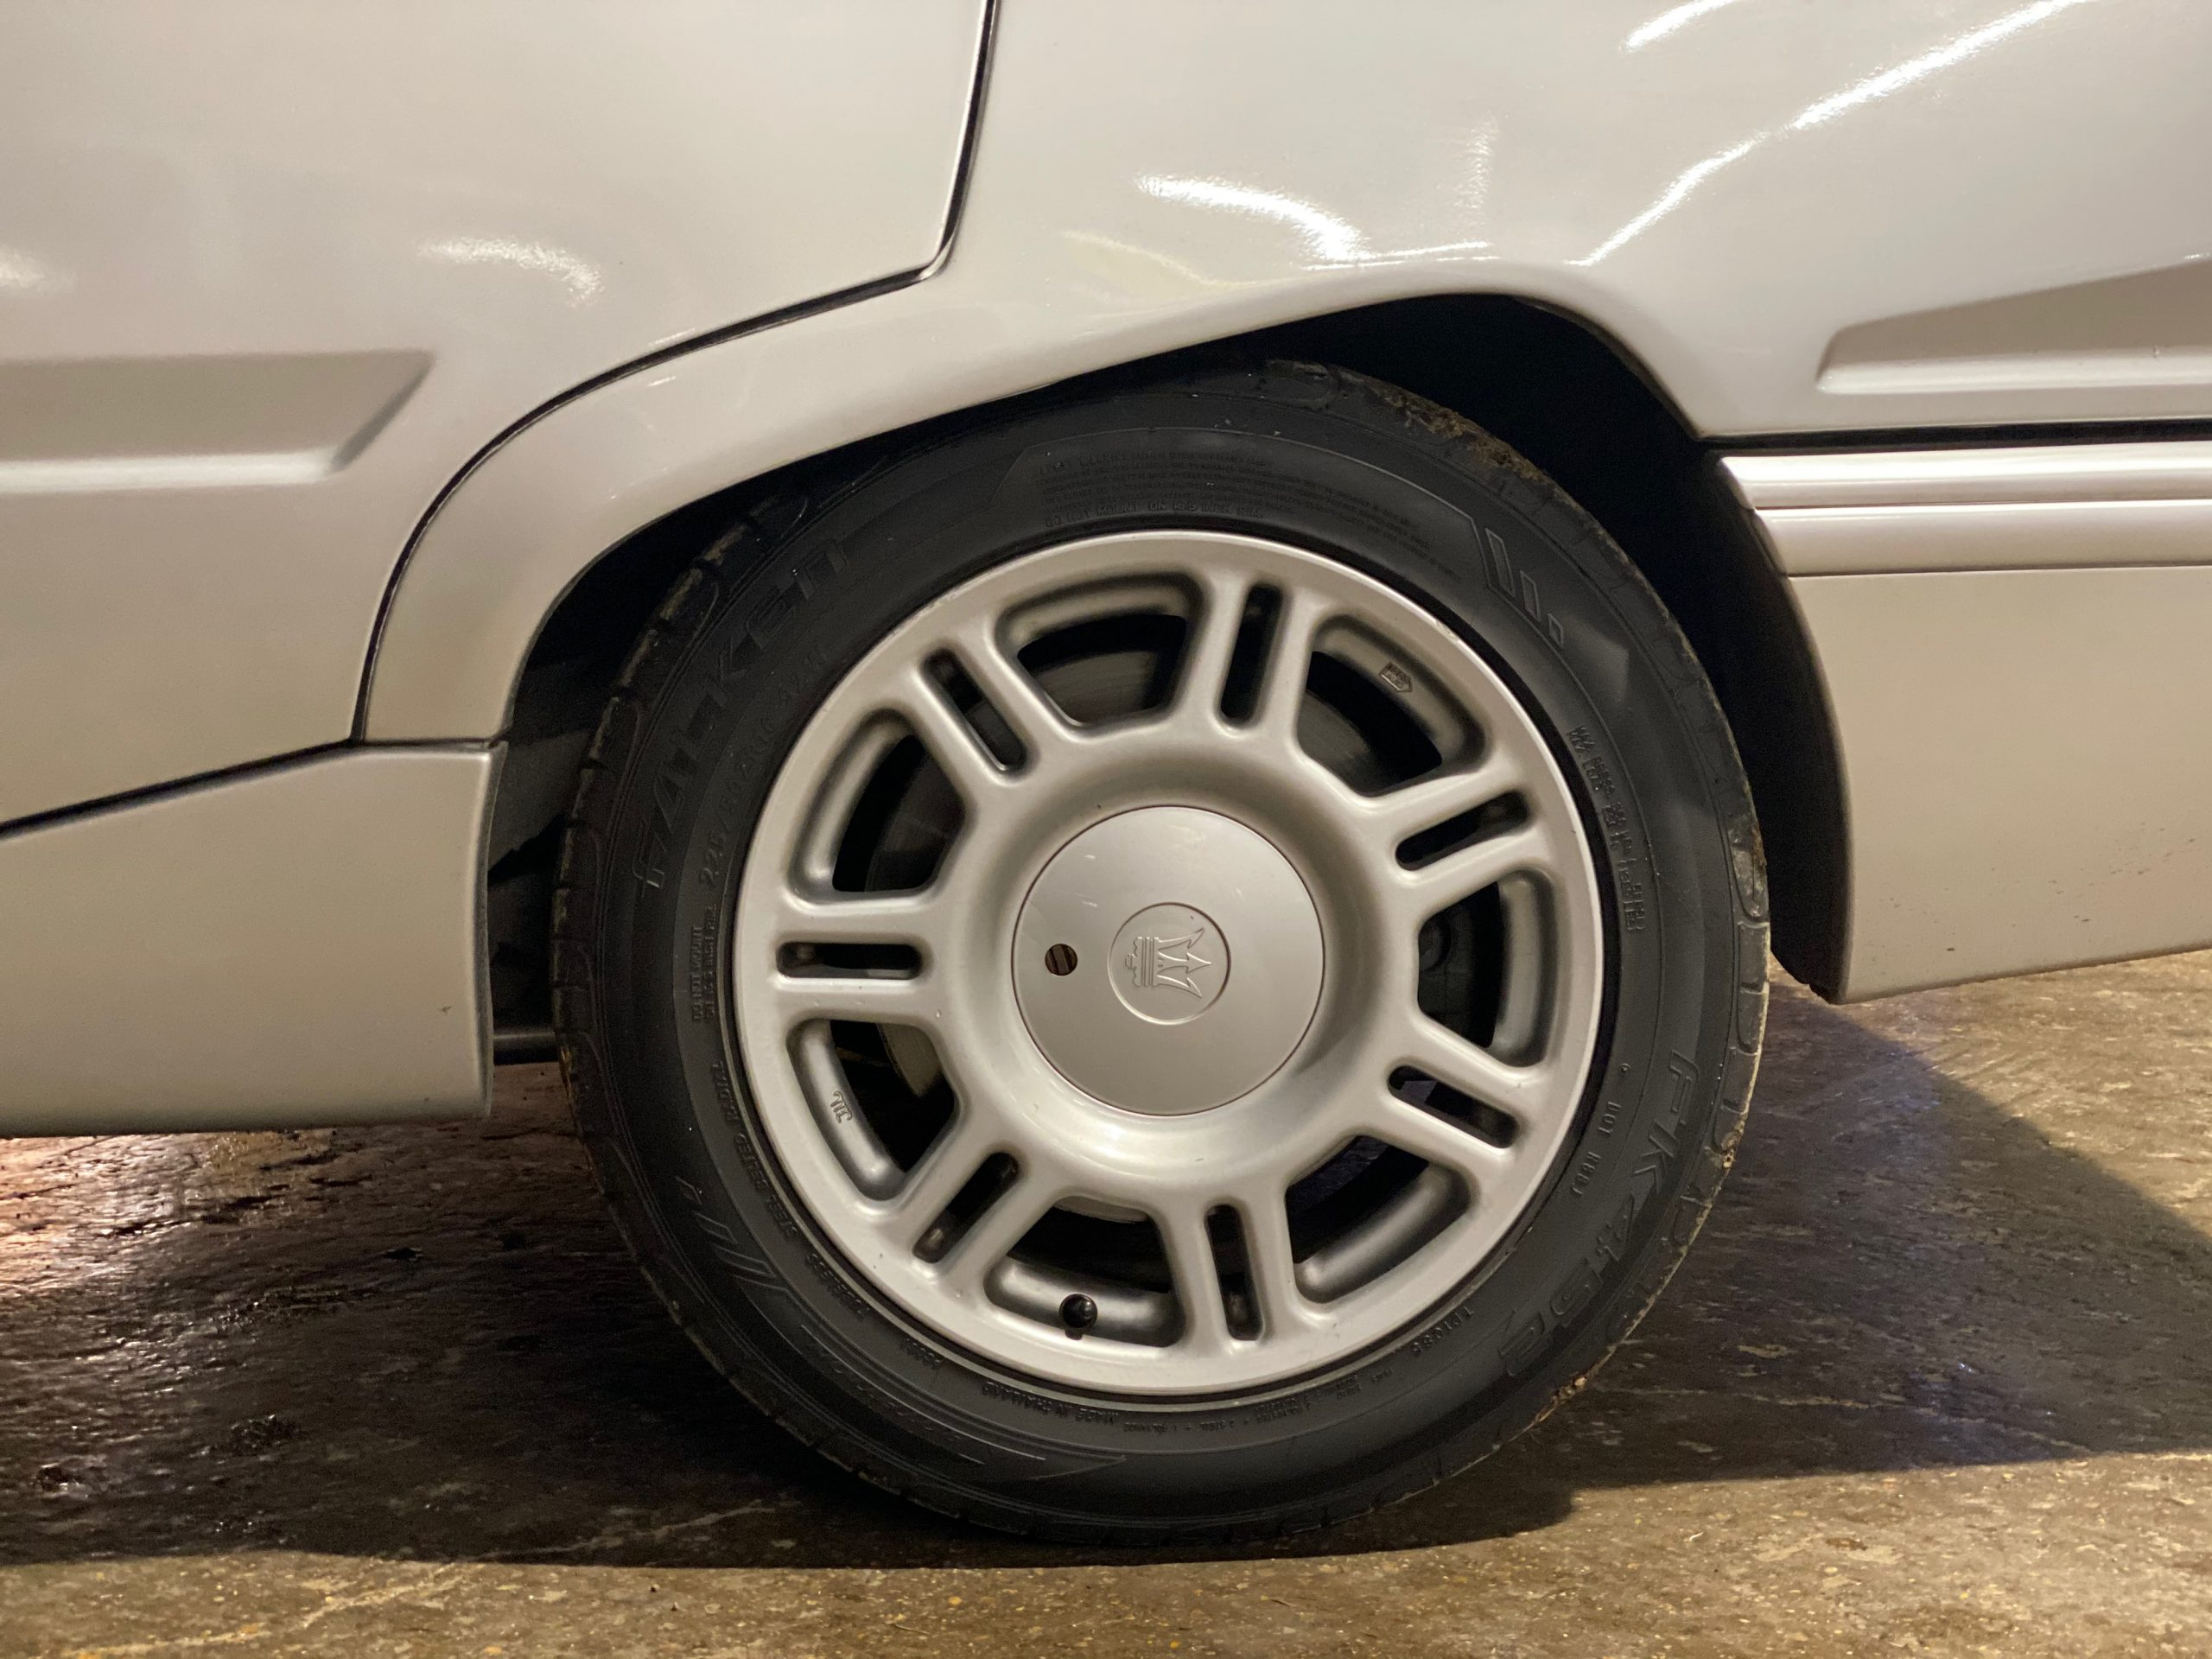 Maserati Quattroporte IV V6 2.0